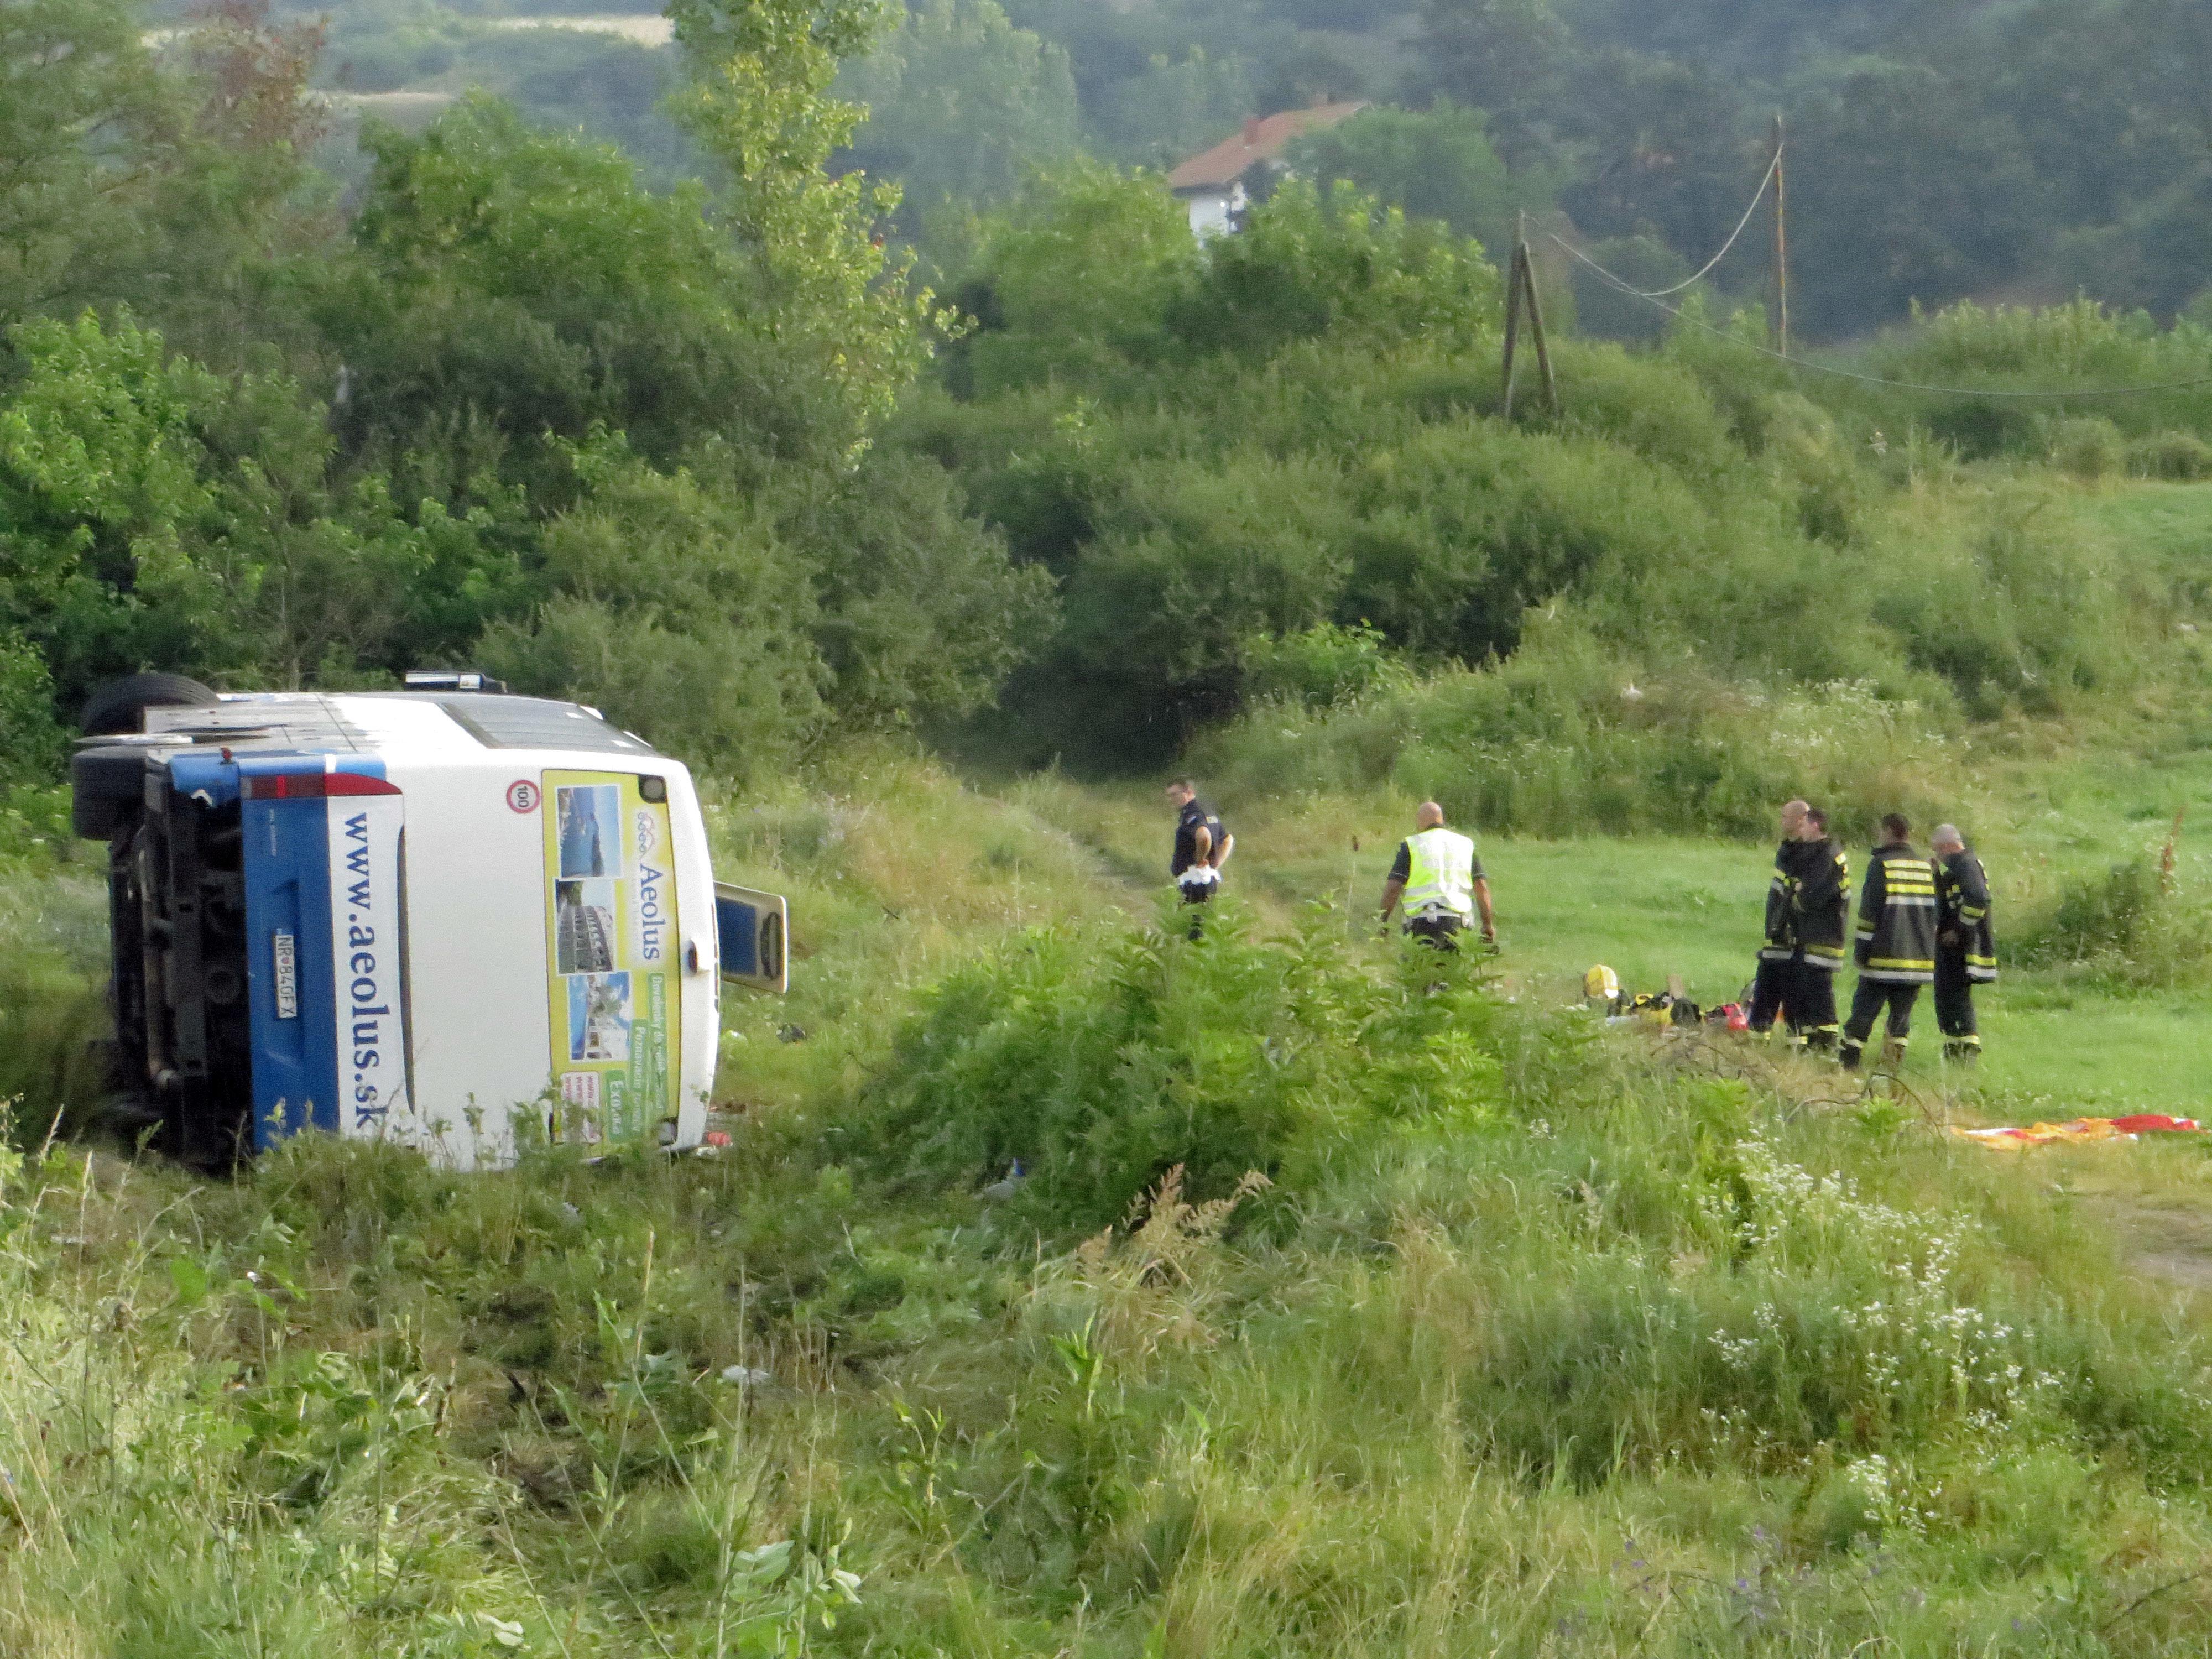 Katastrofa autokaru w Serbii – 5 ofiar śmiertelnych, ponad 20 rannych